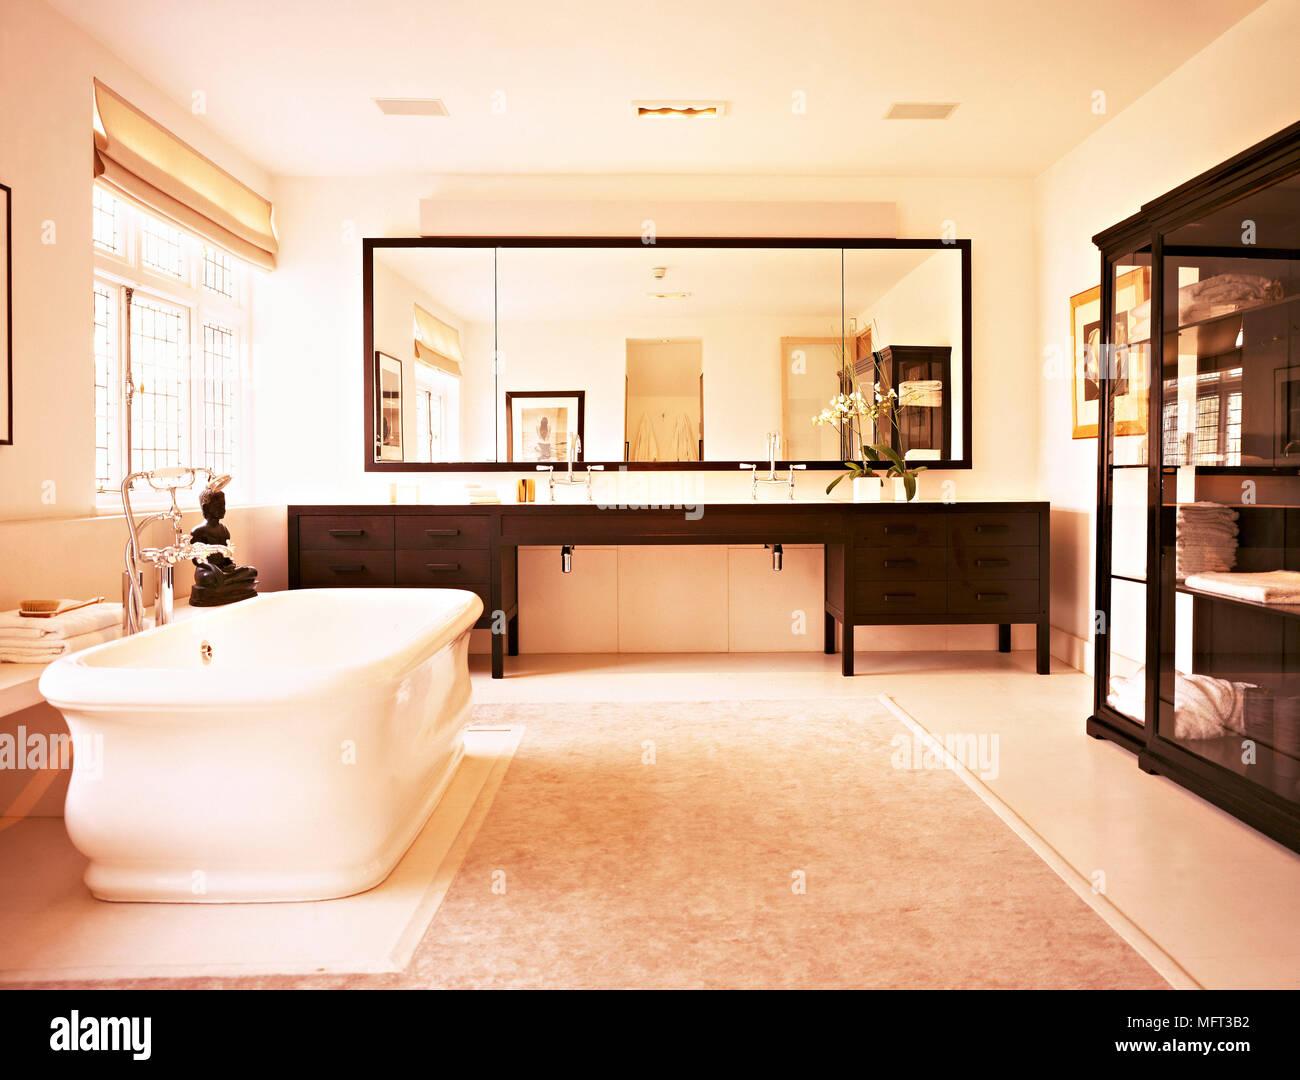 Salle de bains baignoire sur pied neutre moderne lavabos situé dans ...